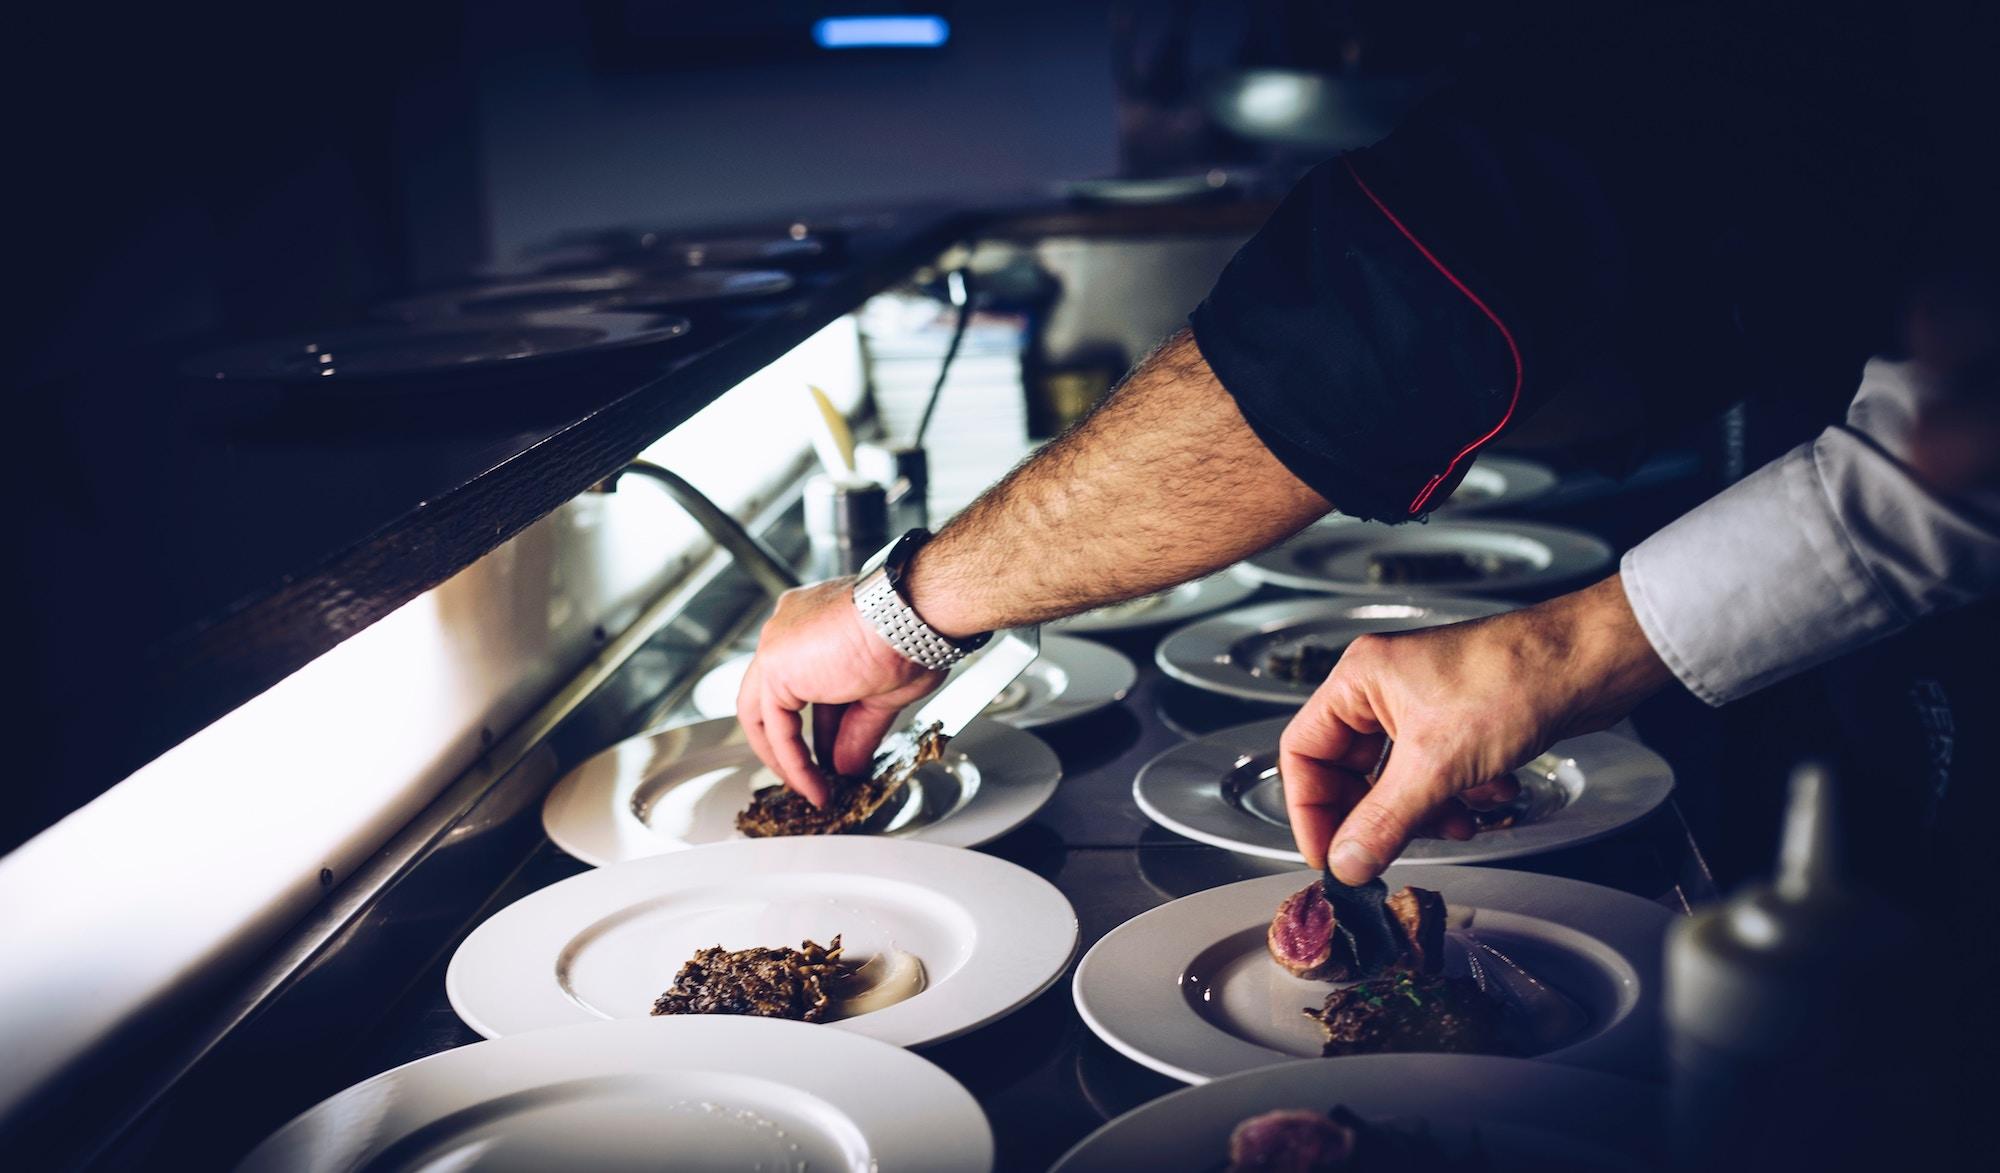 Fuzja kuchni nowoczesnej z tradycyjną